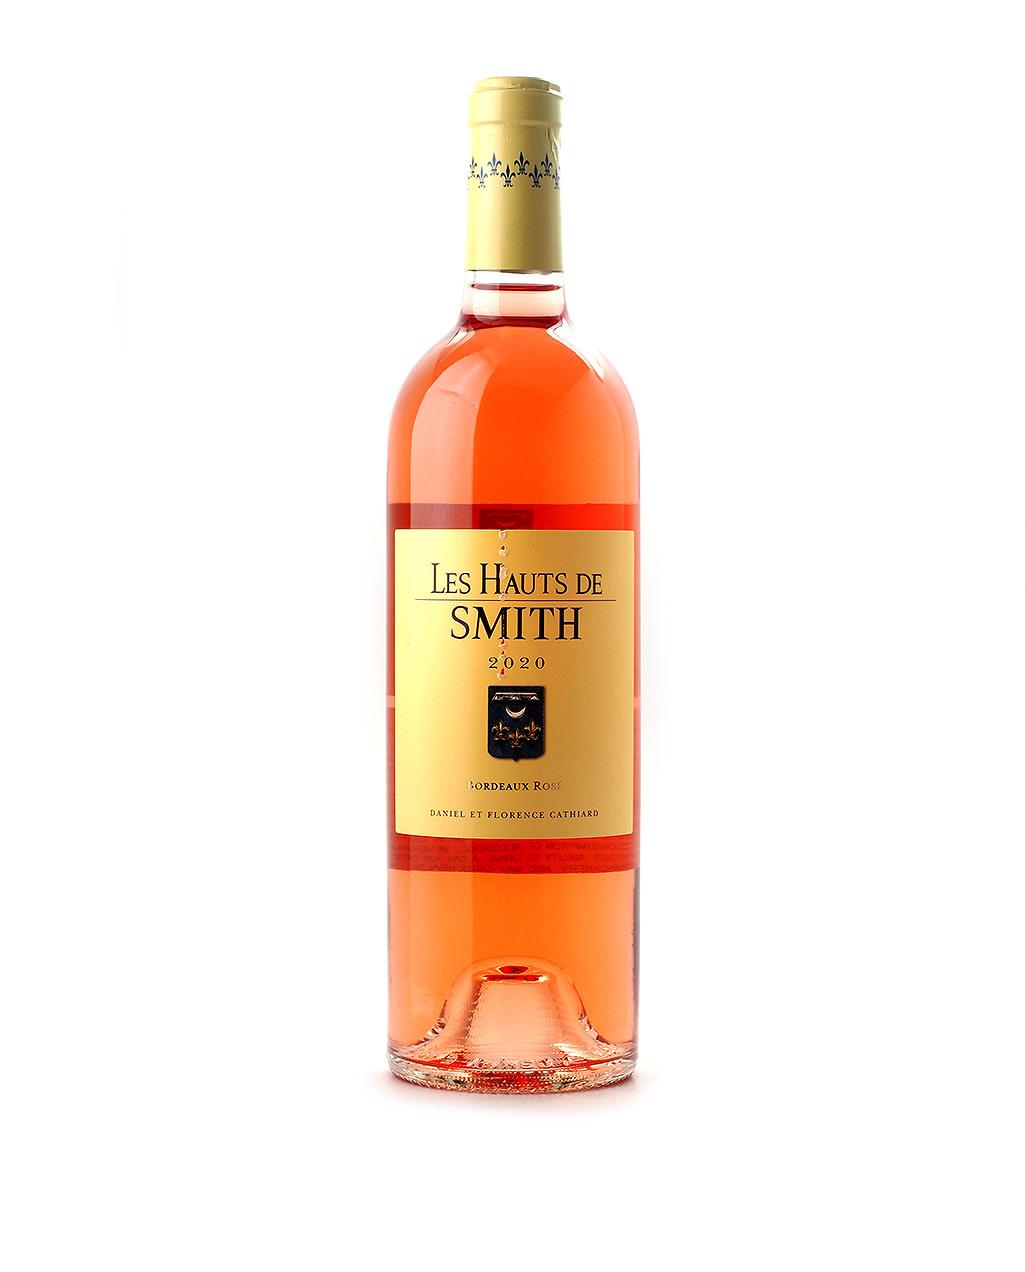 Smith Haut Lafitte Les Hauts de Smith Rosé 2020